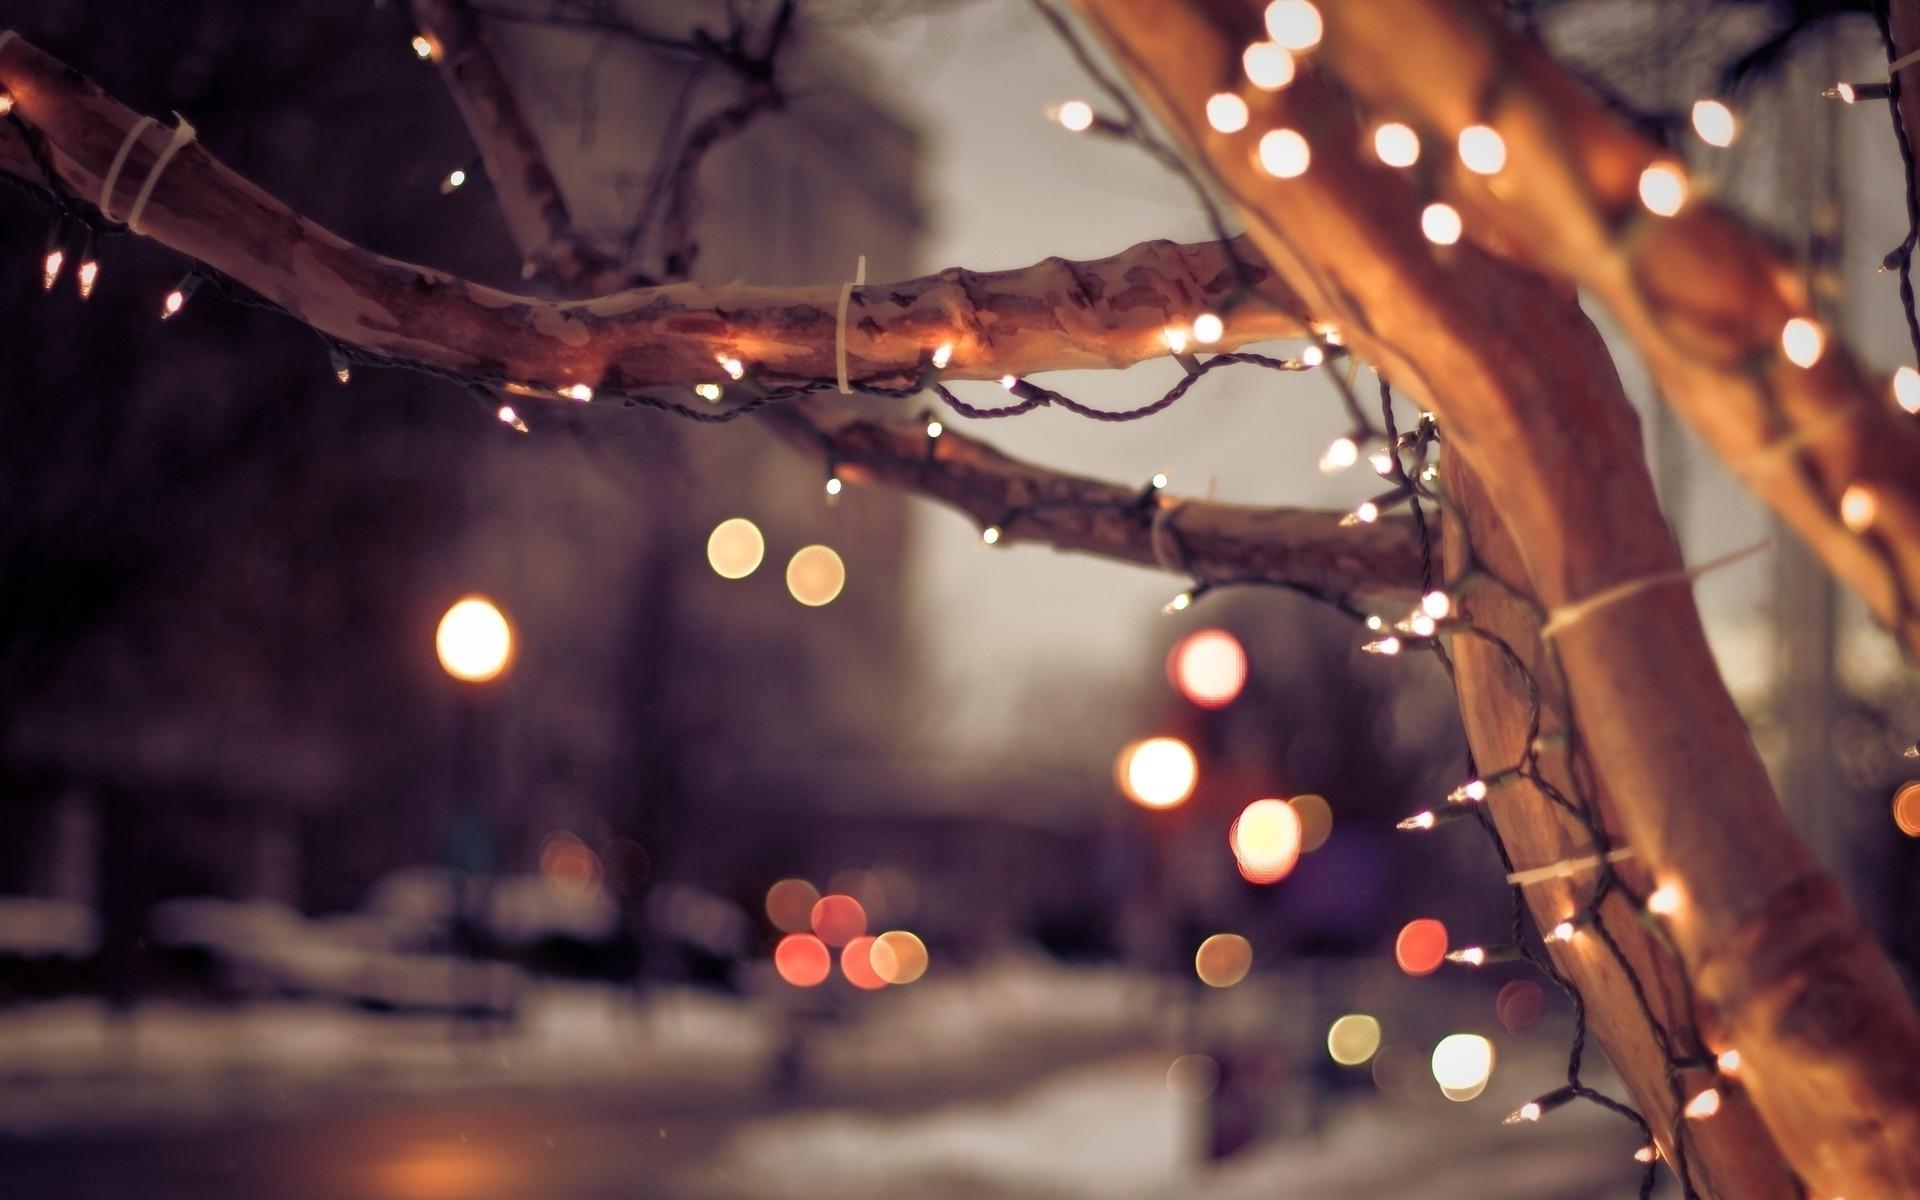 10 Latest Christmas Lights Wallpapers For Desktop FULL HD 1920×1080 For PC Desktop